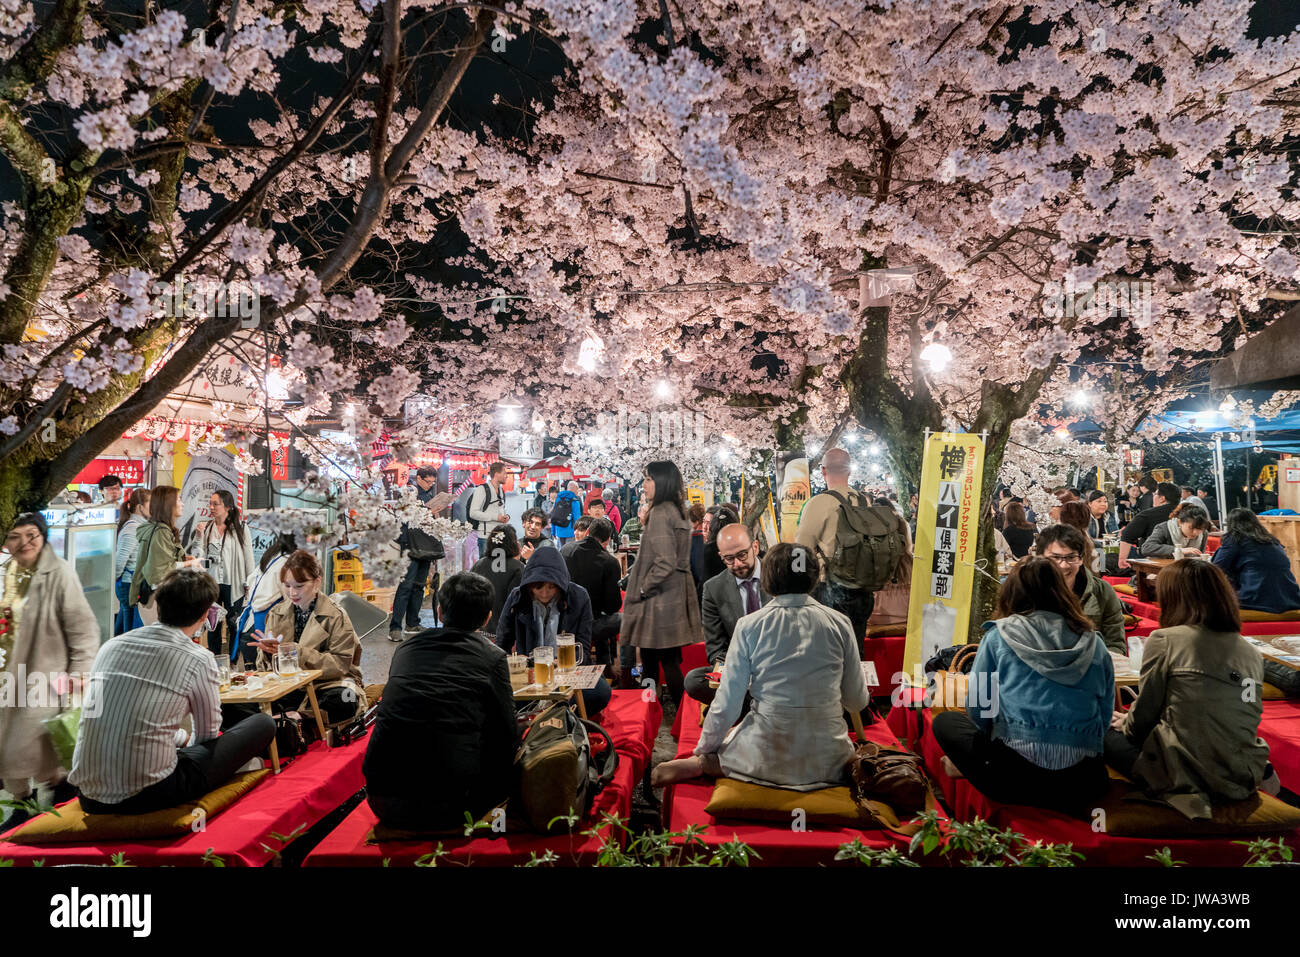 KYOTO, JAPON - 7 avril, 2017: Japon foule profiter du printemps les cerisiers en fleurs à Kyoto en participant au nuit saisonniers festivals Hanami dans parc Maruyama Photo Stock